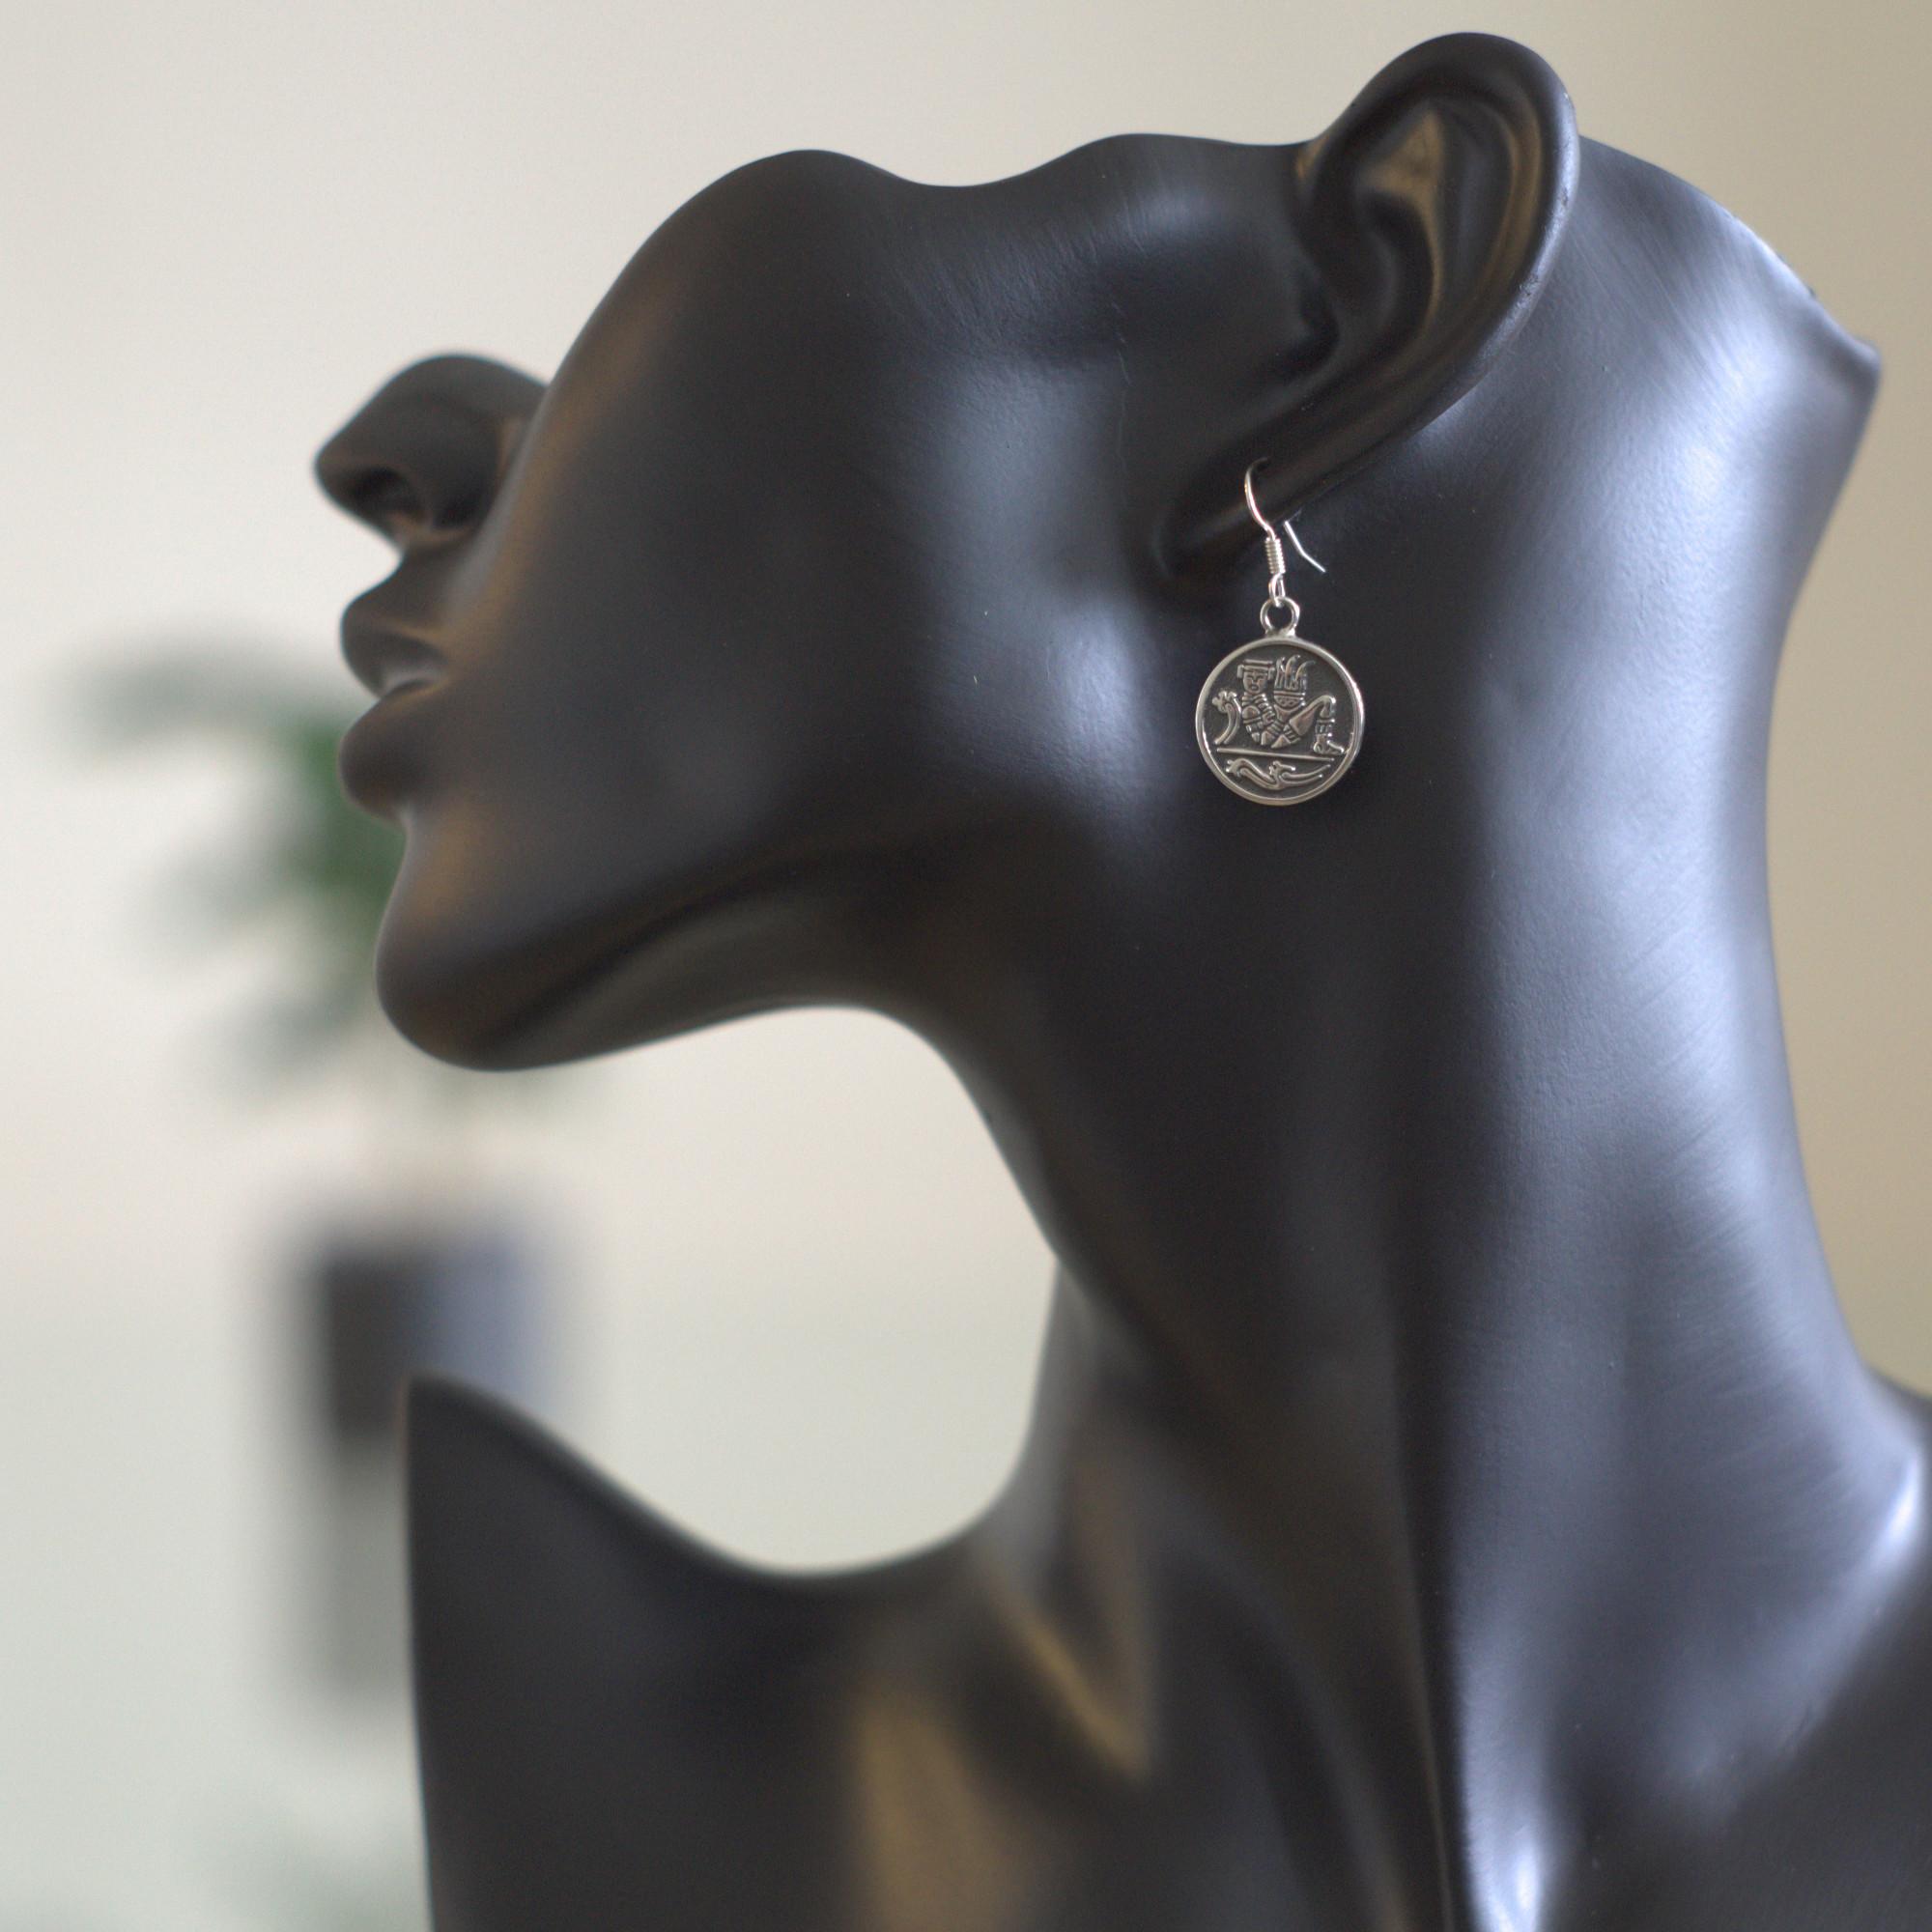 Chac mool - Silver örhängen med mayan figur